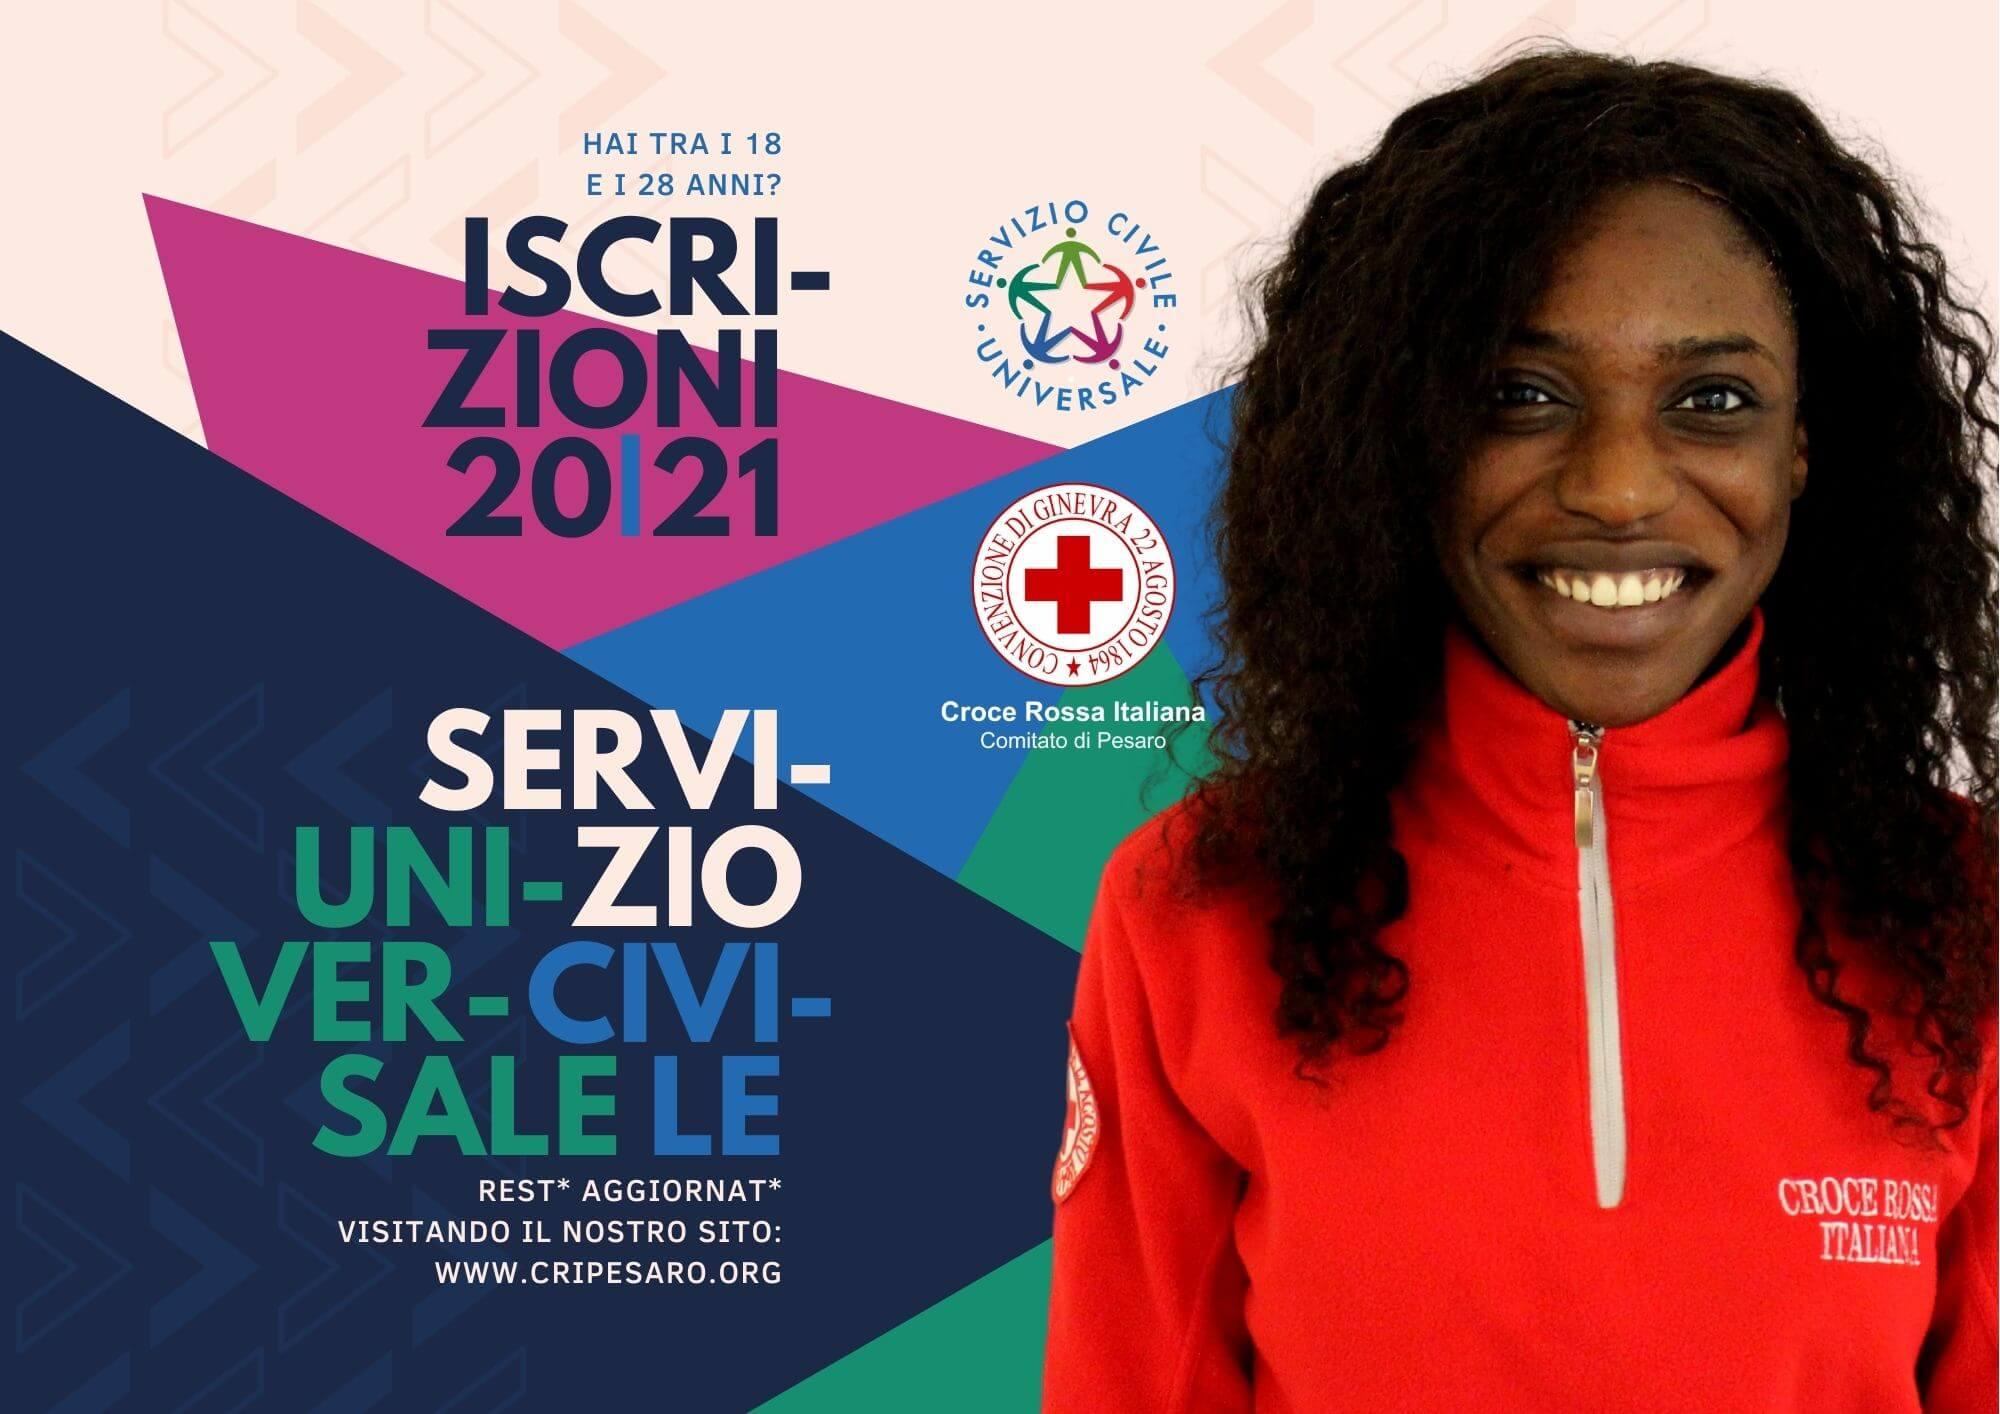 SELEZIONI SERVIZIO CIVILE BANDO 2020/21